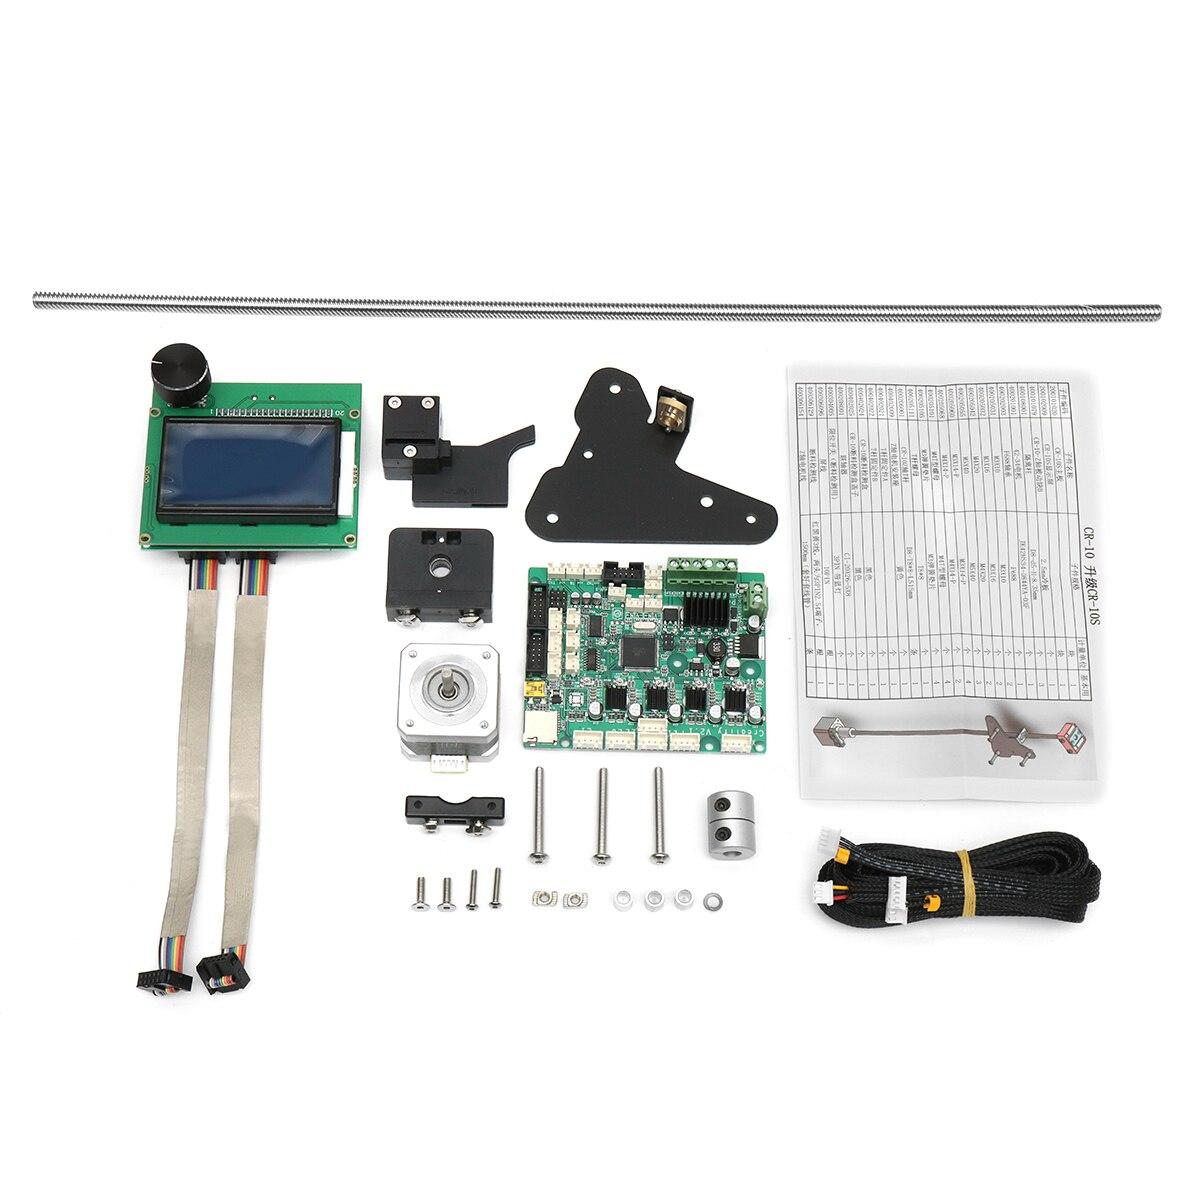 Kit de mise à niveau double axe Z Creatlity 3D avec carte mère/écran LCD/capteur de Filament/vis à tête T8 pour imprimante 3D CR-10S